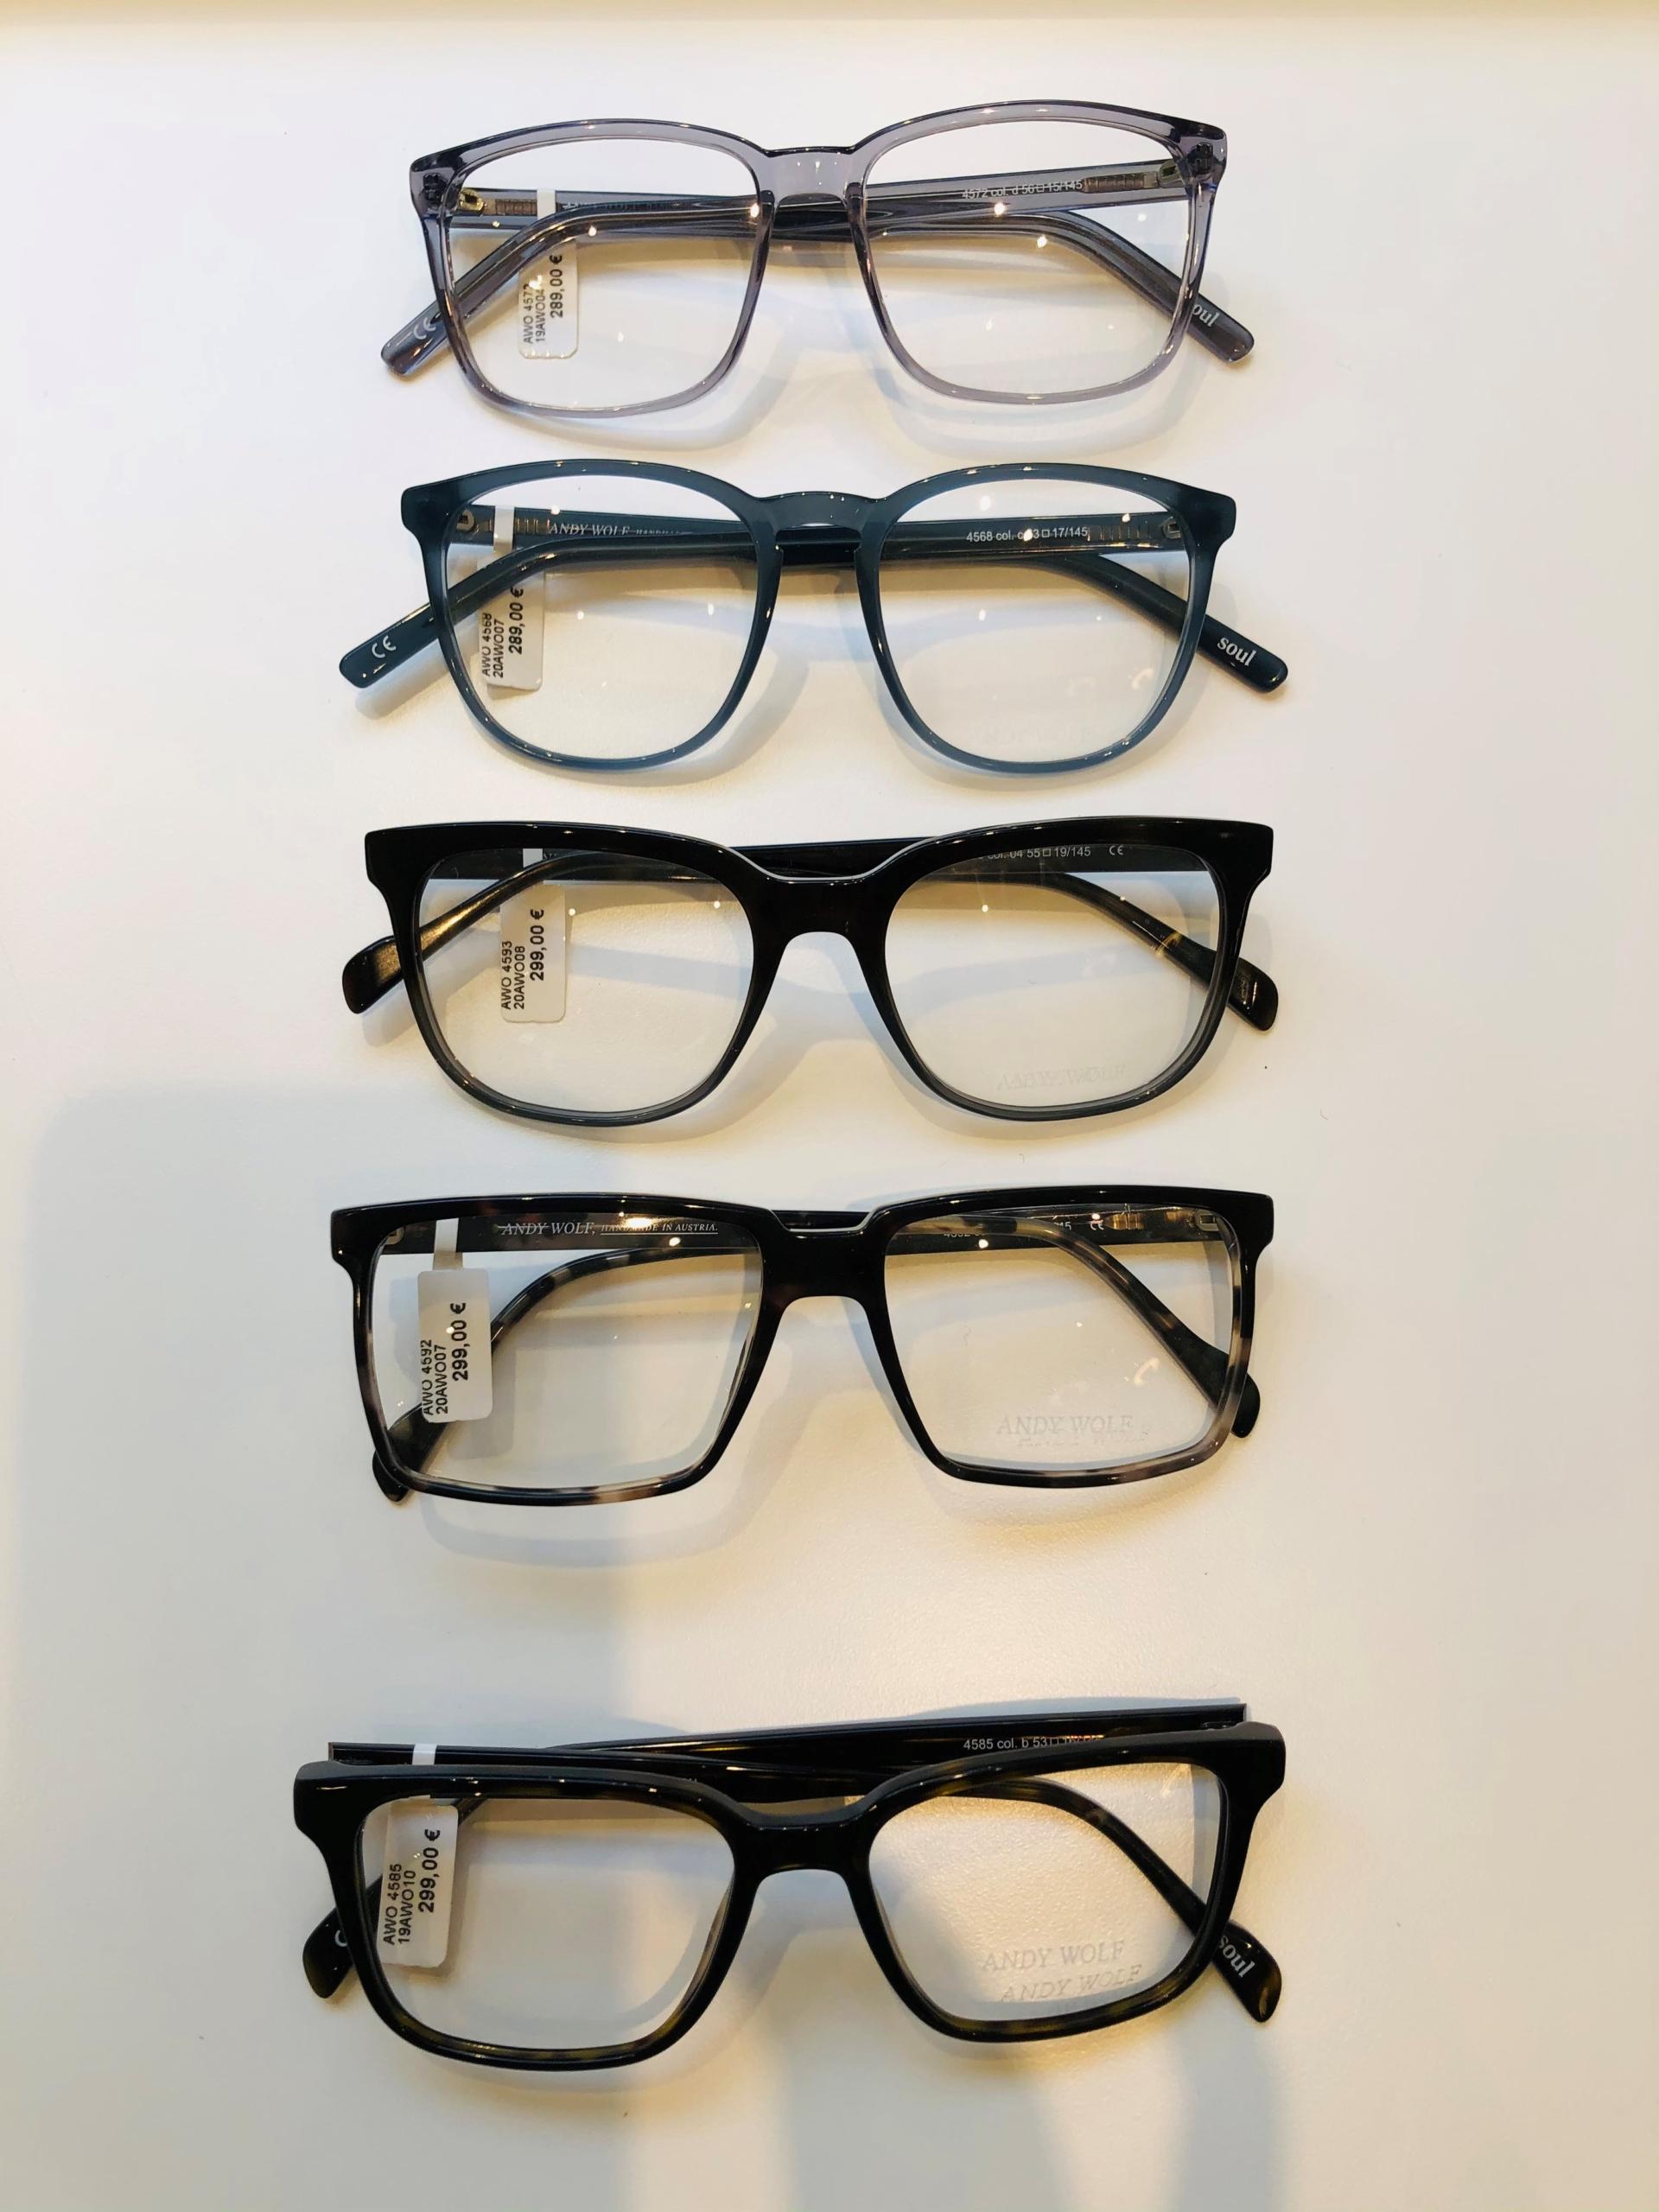 3_Schaufenster online_02122020_Optiker Augensache Brille Kontaktlinse Friedberg_ANDY WOLF_YOUMAWO